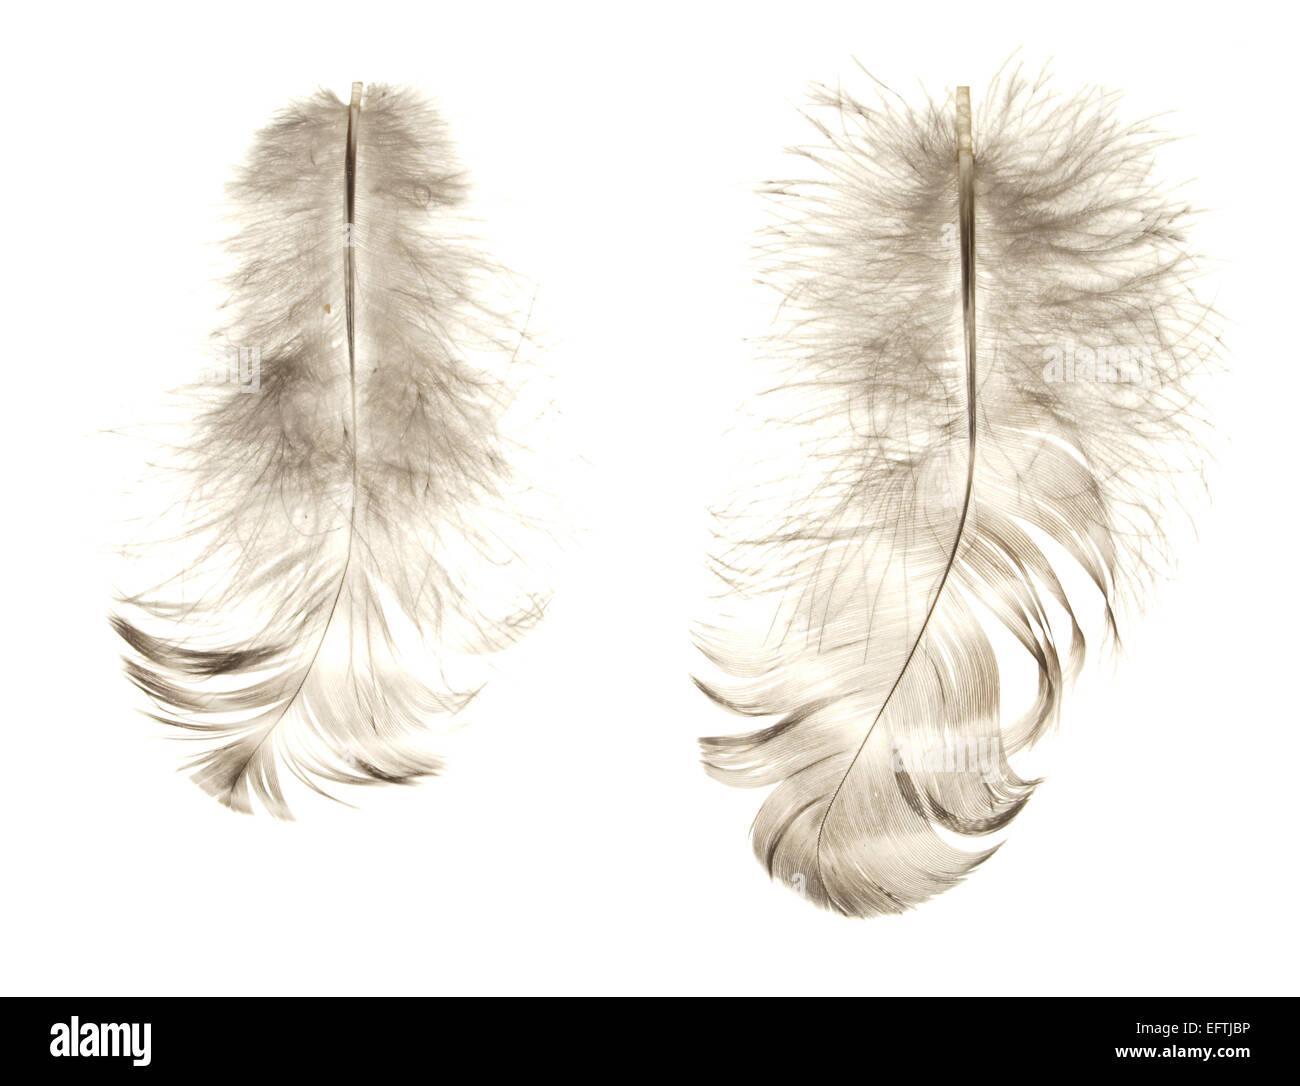 Deux plumes d'oiseaux isolé sur fond blanc. Photo Stock